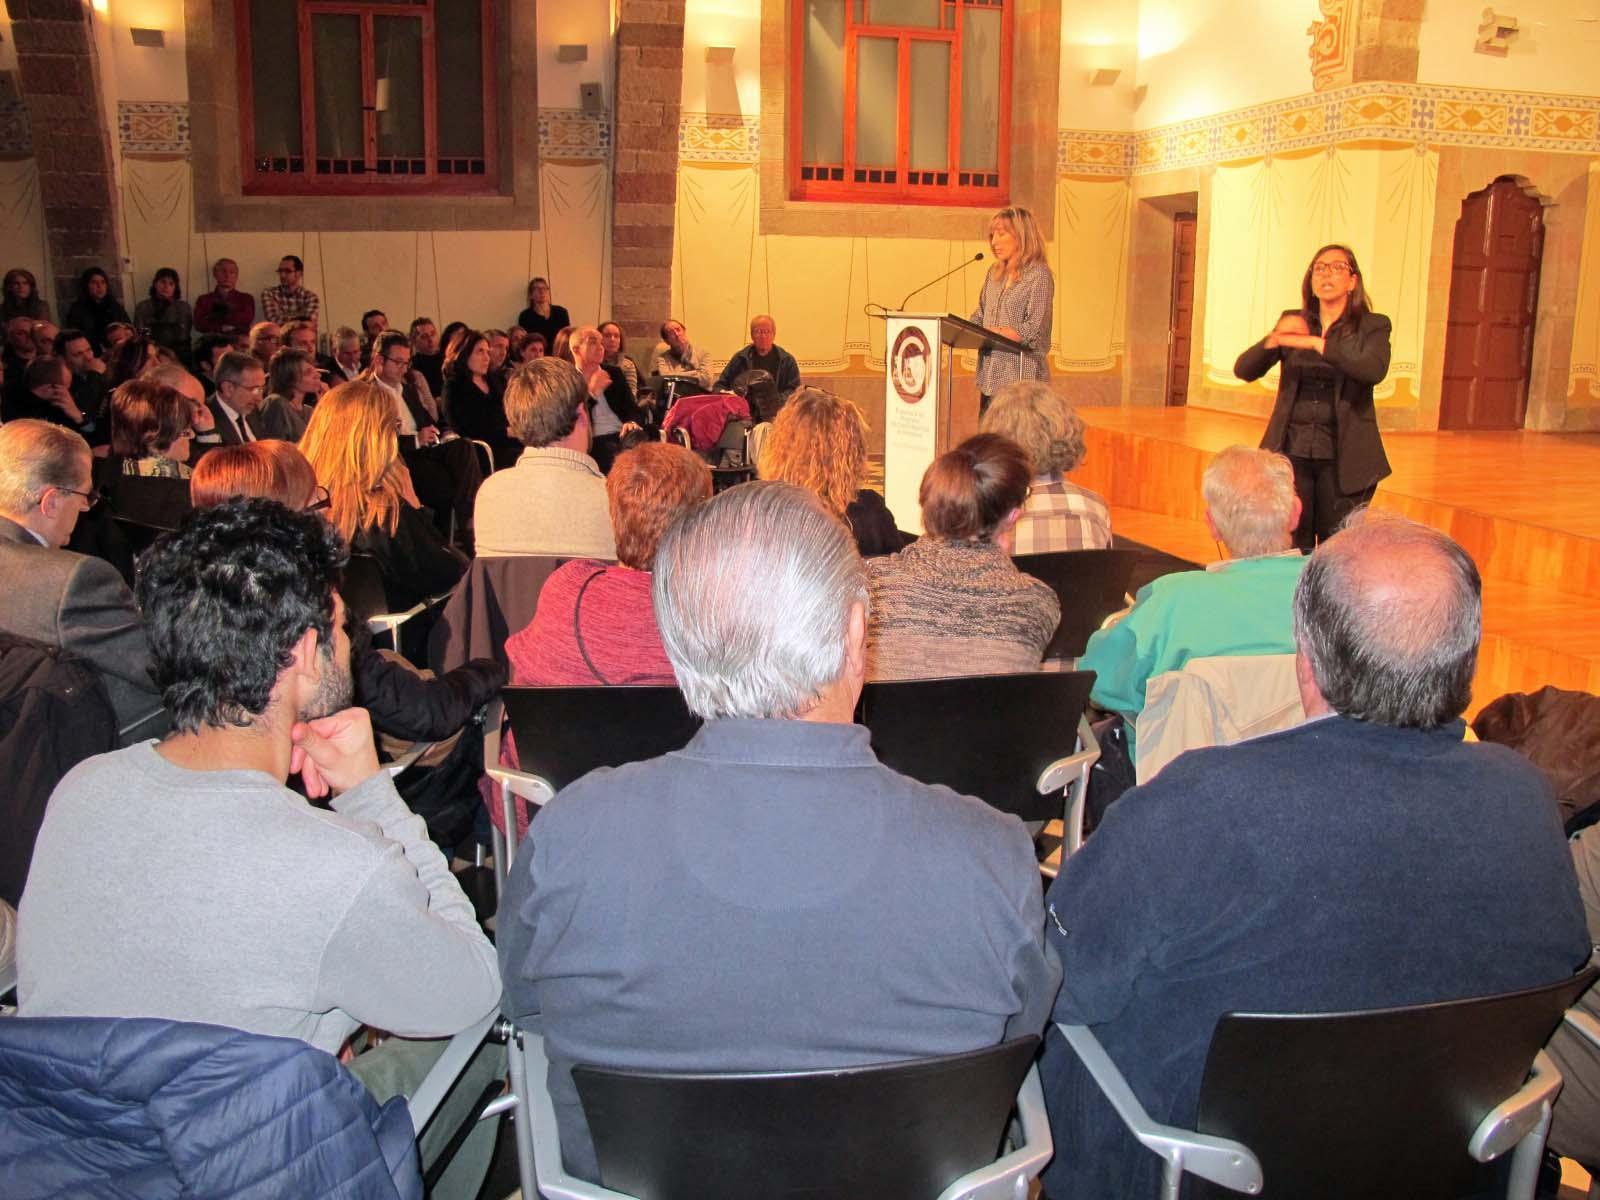 La cinquena tinent d'alcalde M. del Mar Sánchez va dir que l'Ajuntament continuarà prenent mesures socials contra la crisi mentre es necessiti